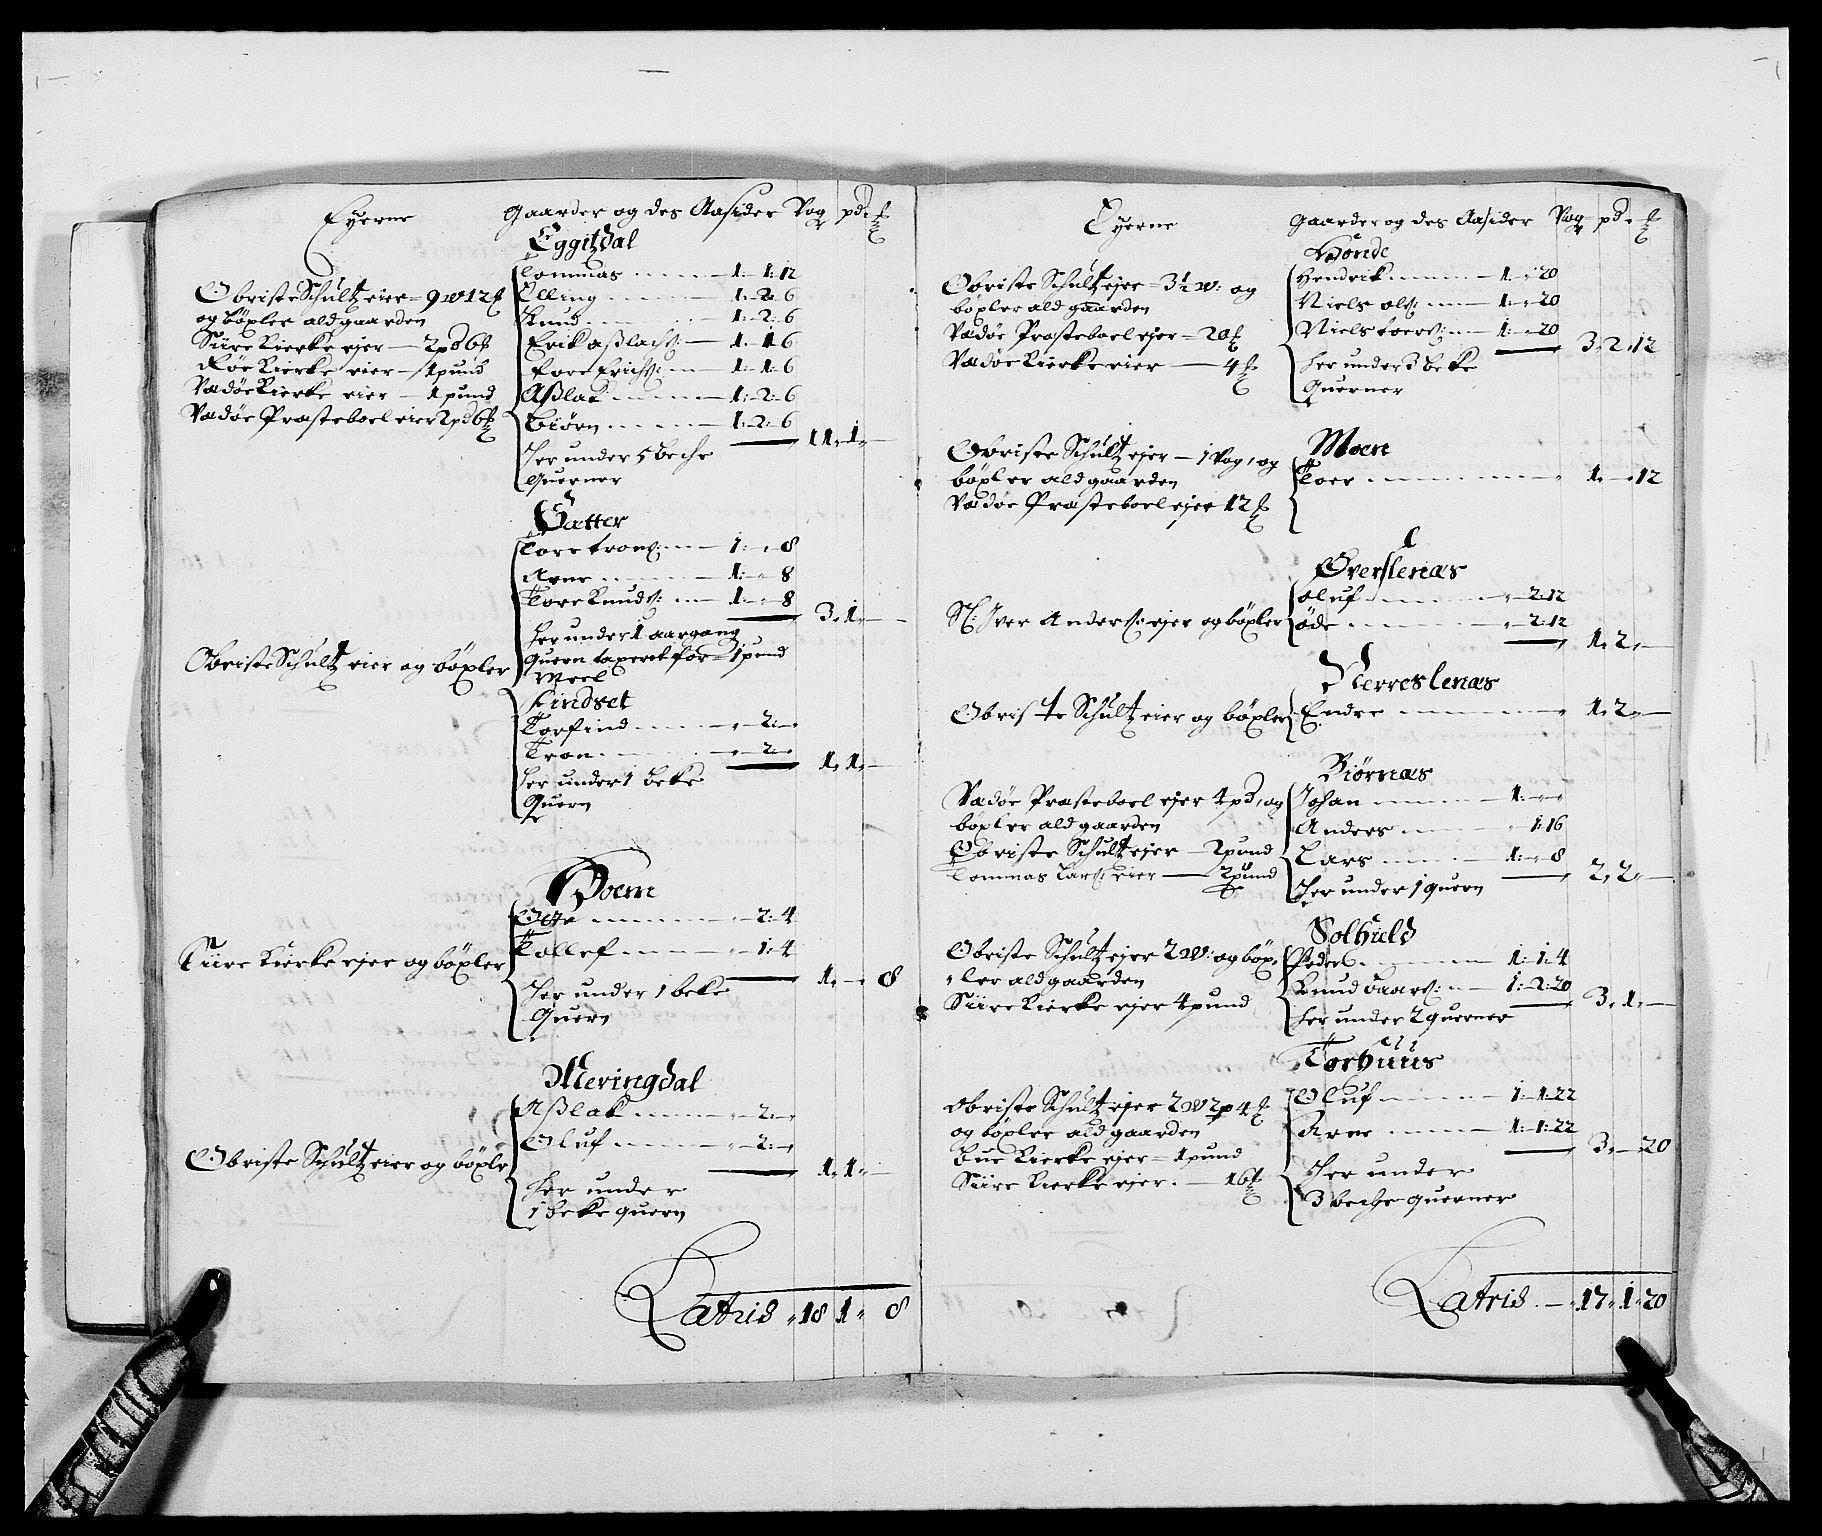 RA, Rentekammeret inntil 1814, Reviderte regnskaper, Fogderegnskap, R55/L3648: Fogderegnskap Romsdal, 1687-1689, s. 16